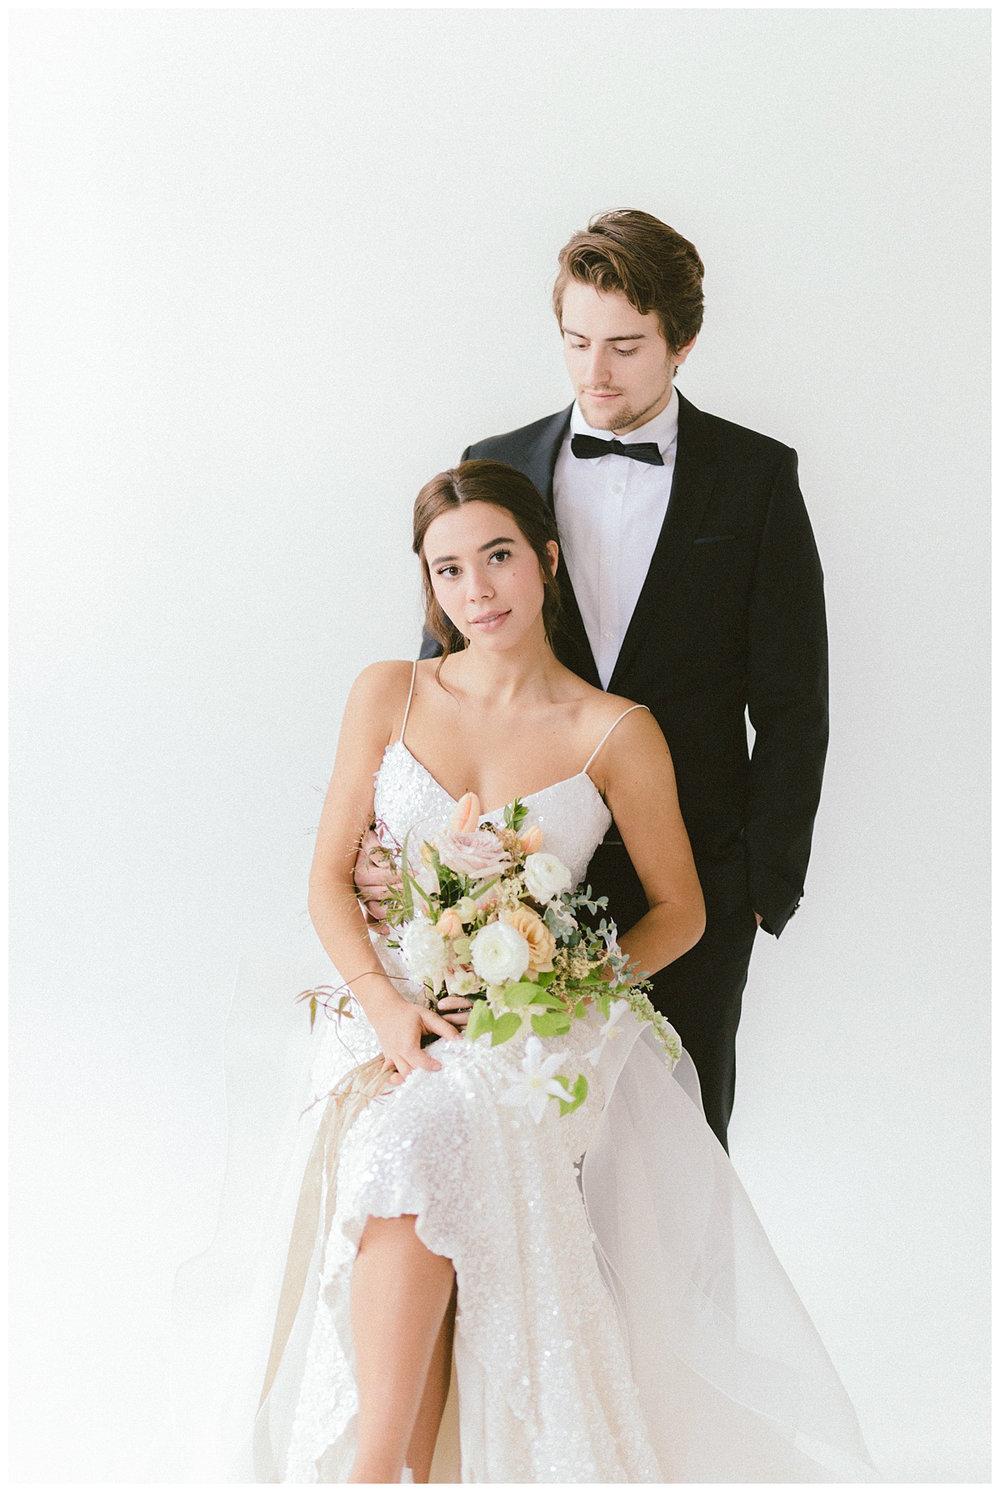 Hong Kong Fine Art Wedding Prewedding Photographer Mattie C. 00089.jpg